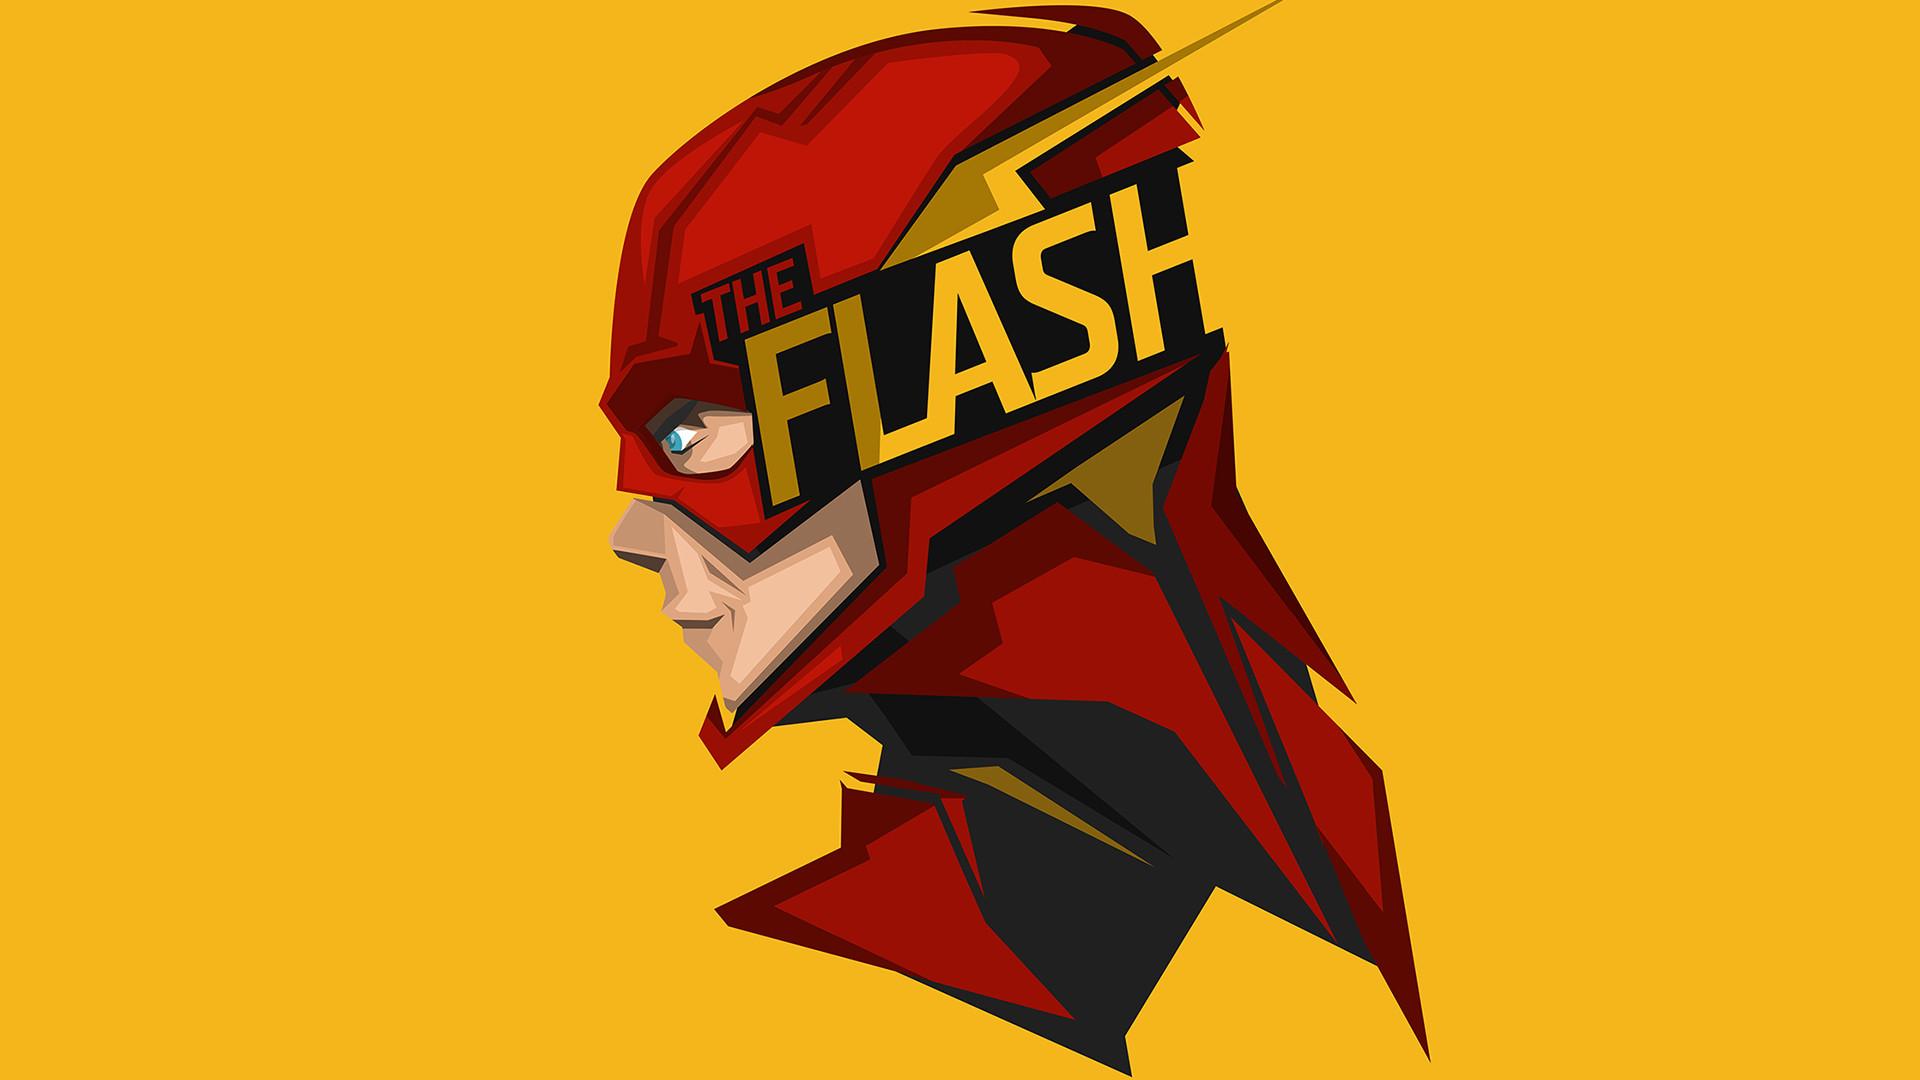 best The Flash Images for desktop